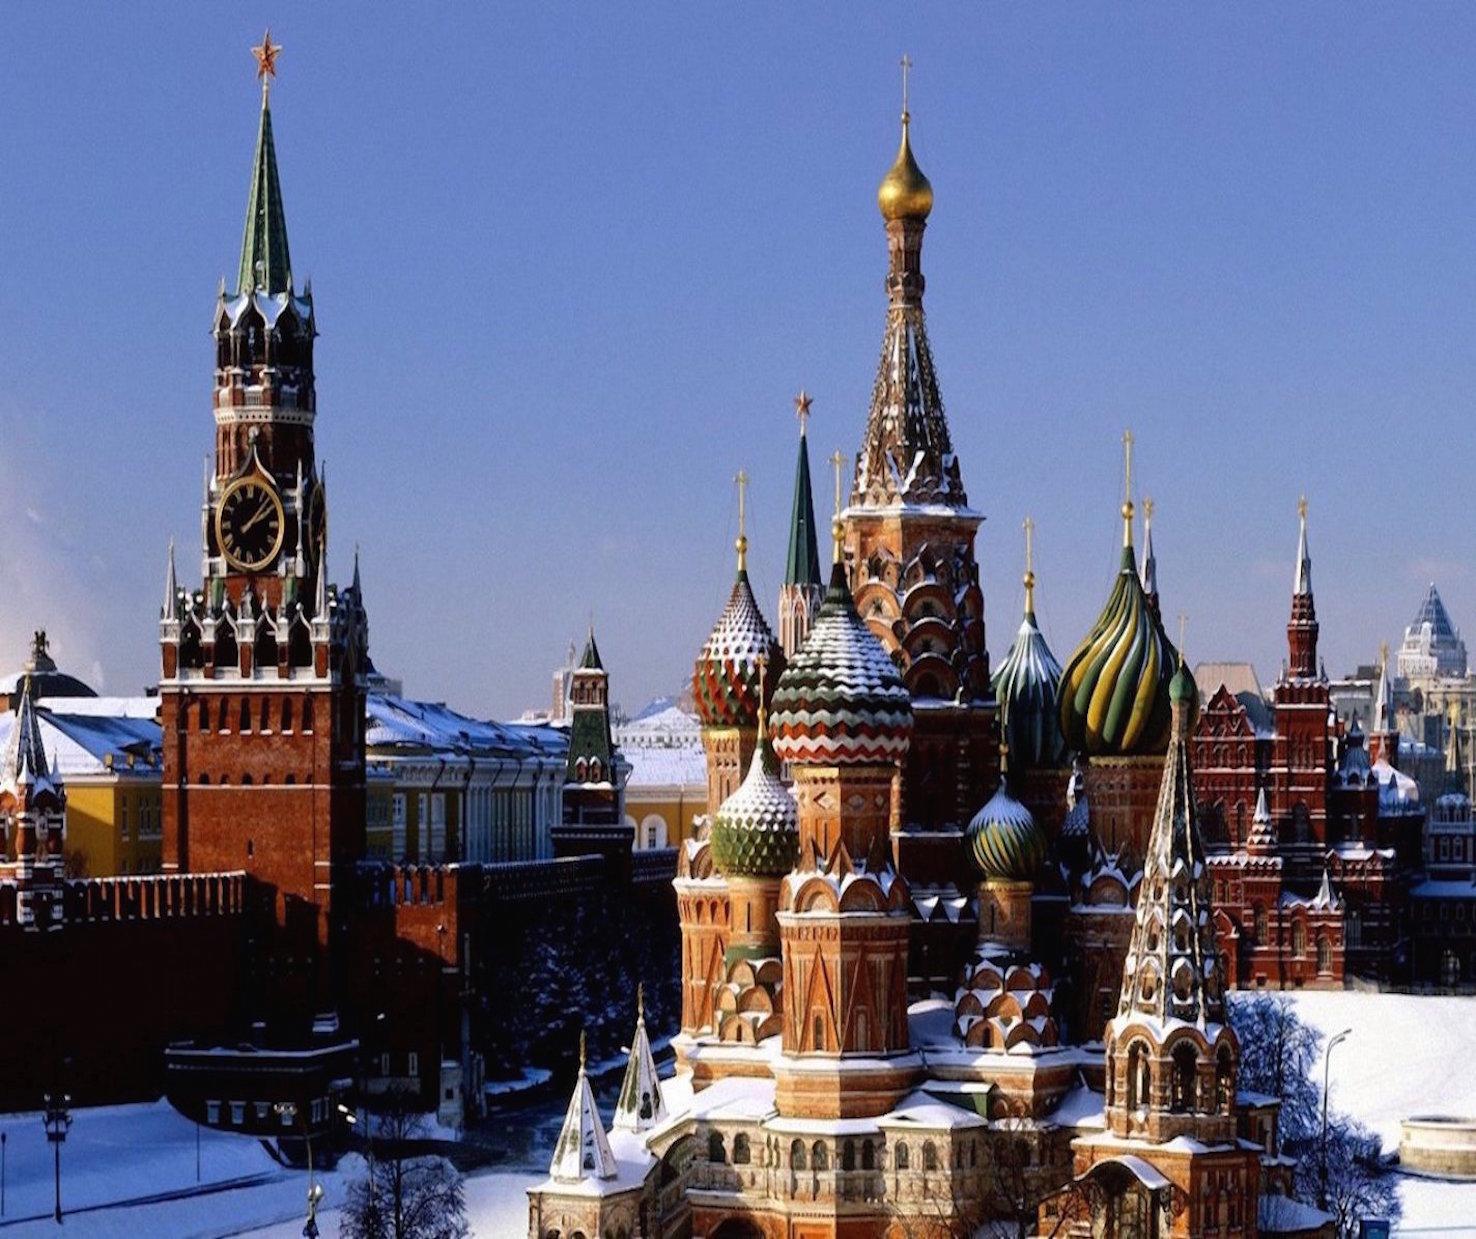 kremlin-russia_104101-1280x800